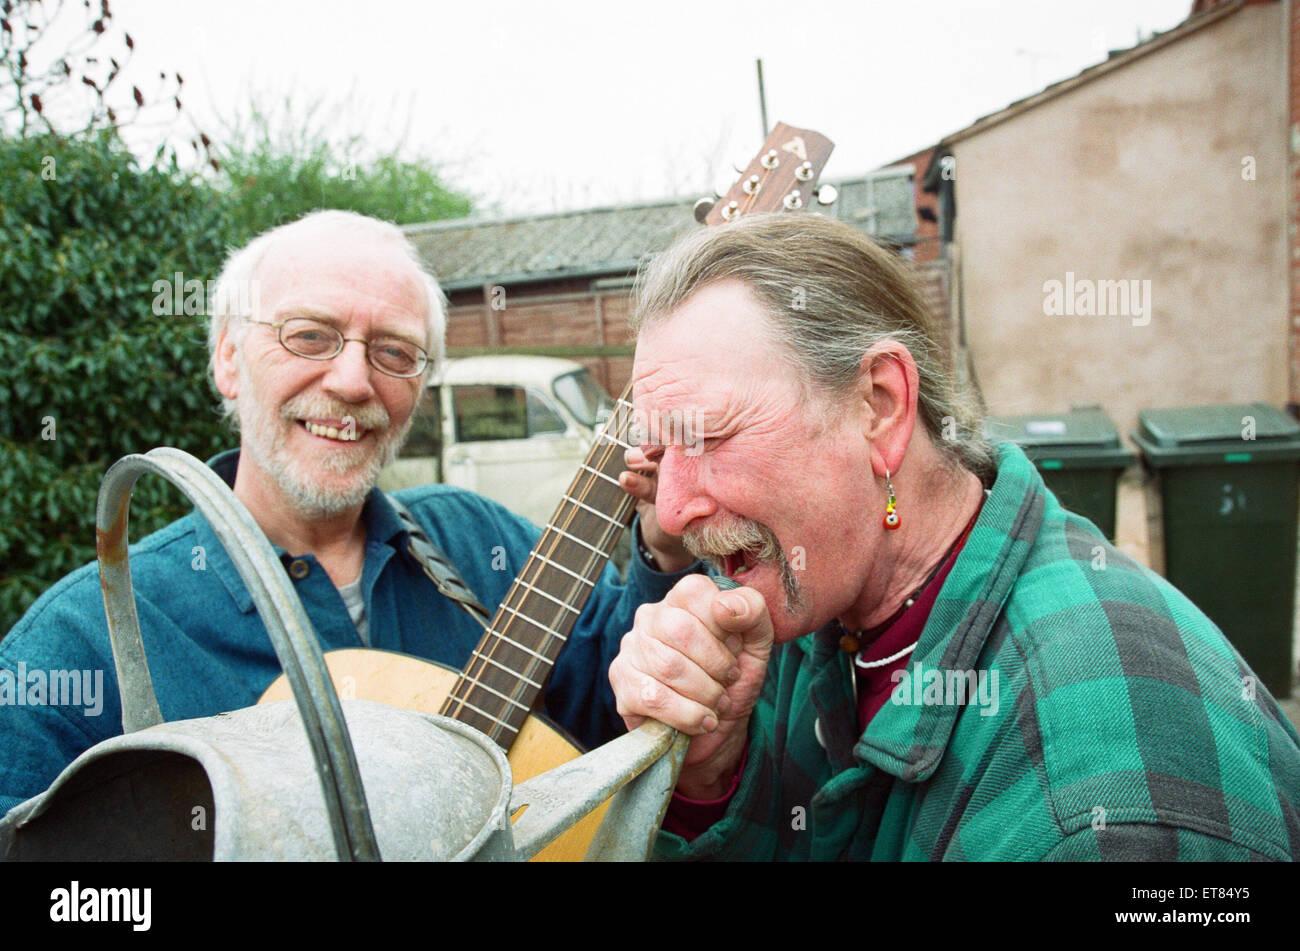 La nouvelle bande Idiot moderne...comme ils le sont aujourd'hui, Rob Armstrong (à gauche) et Rod Felton. Photo Stock